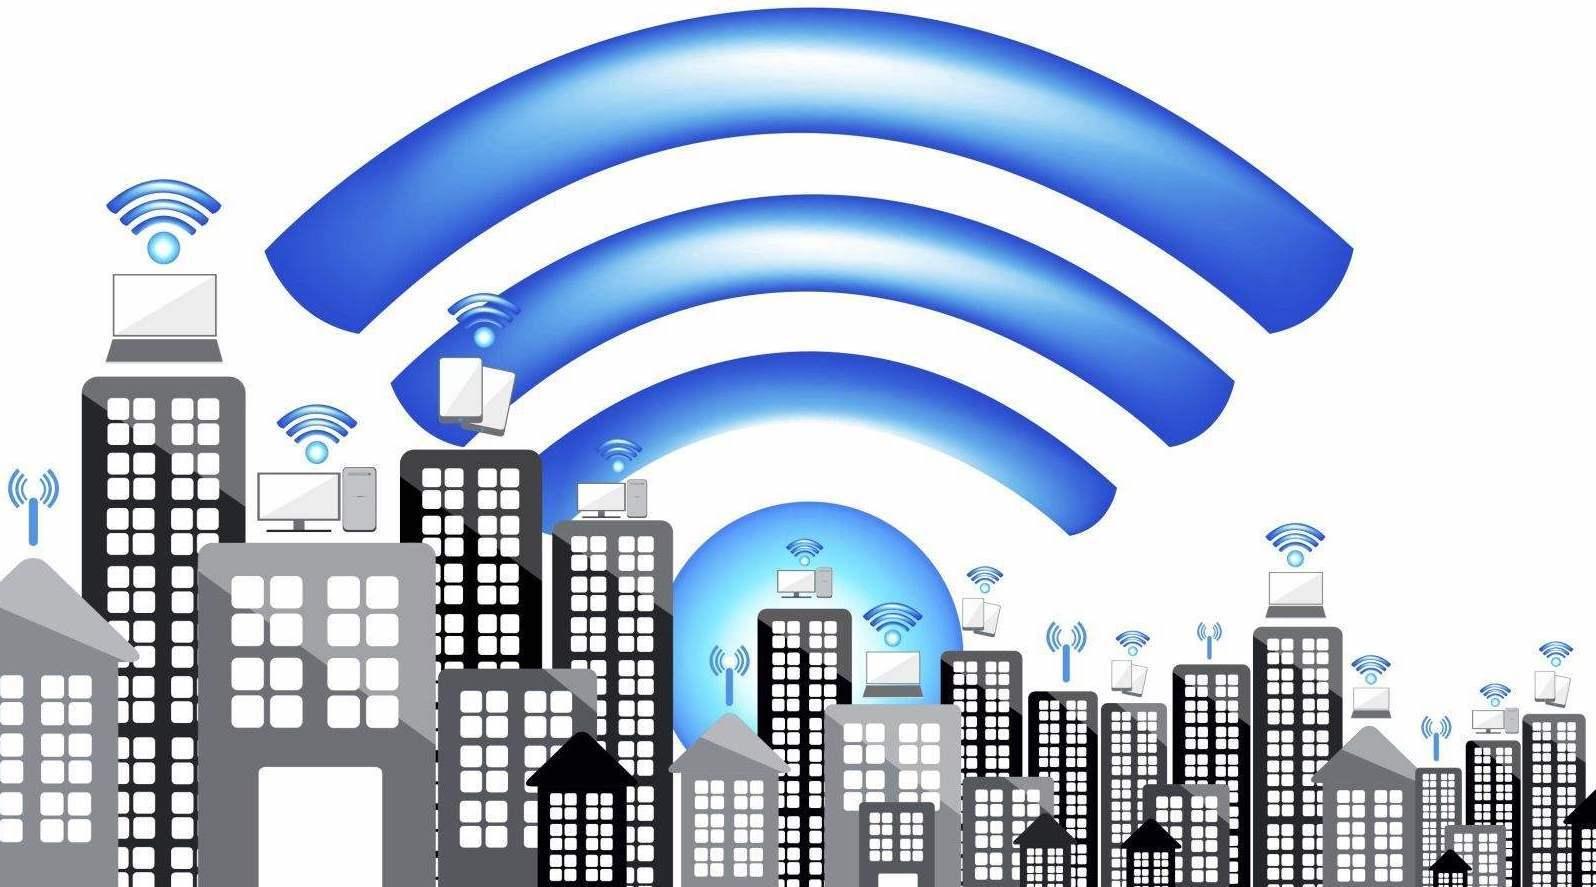 5G即将规模商用,Wi-Fi是将一统天下还是没落江湖?